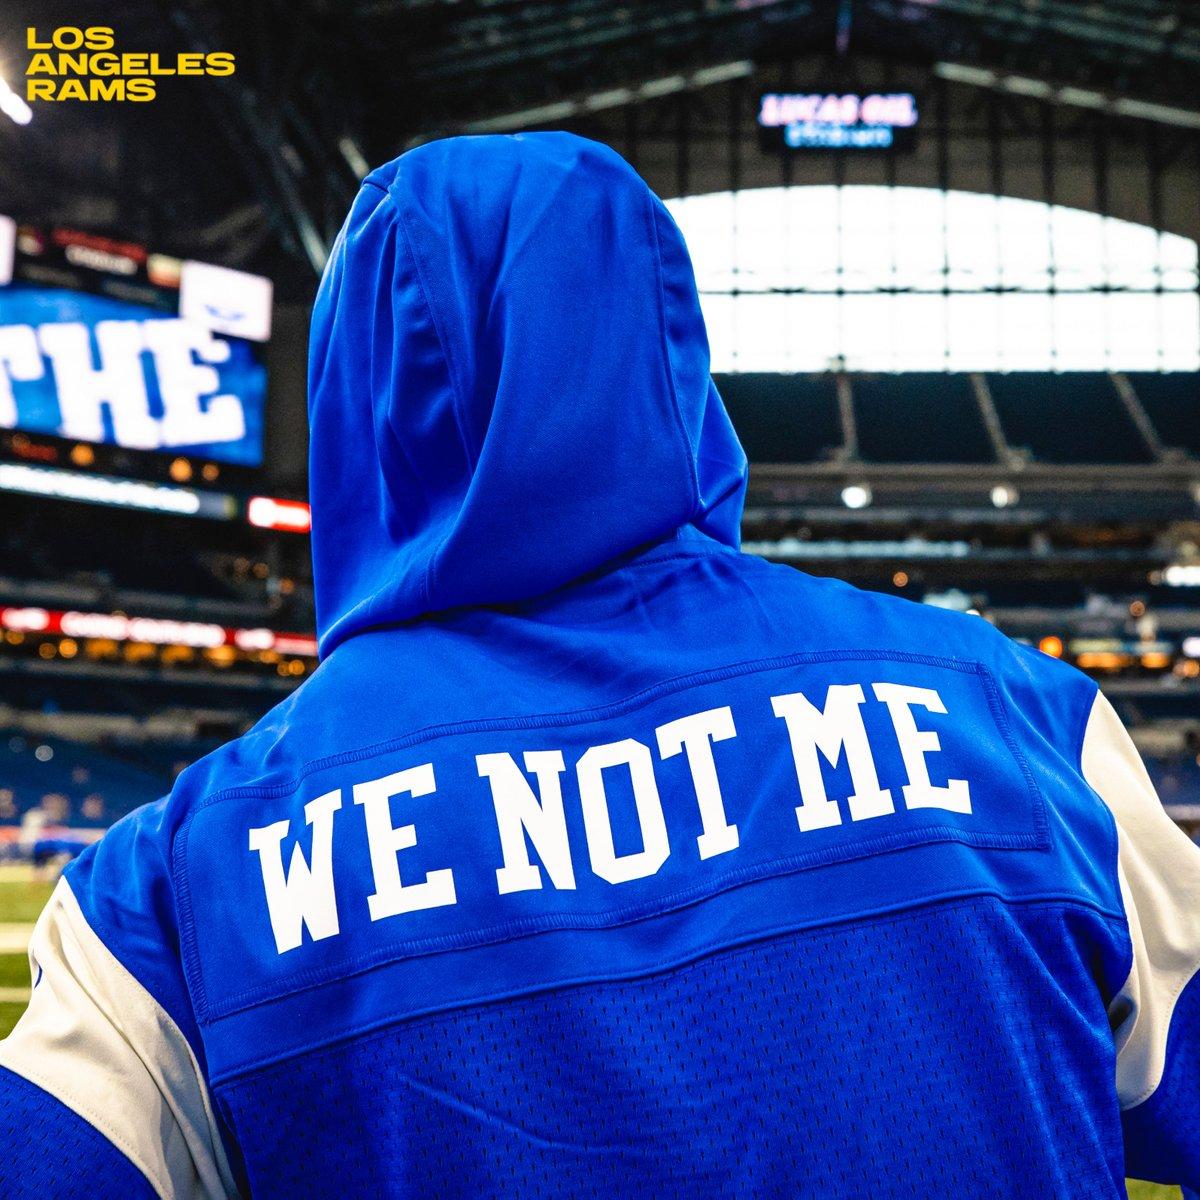 We not me. 🤝